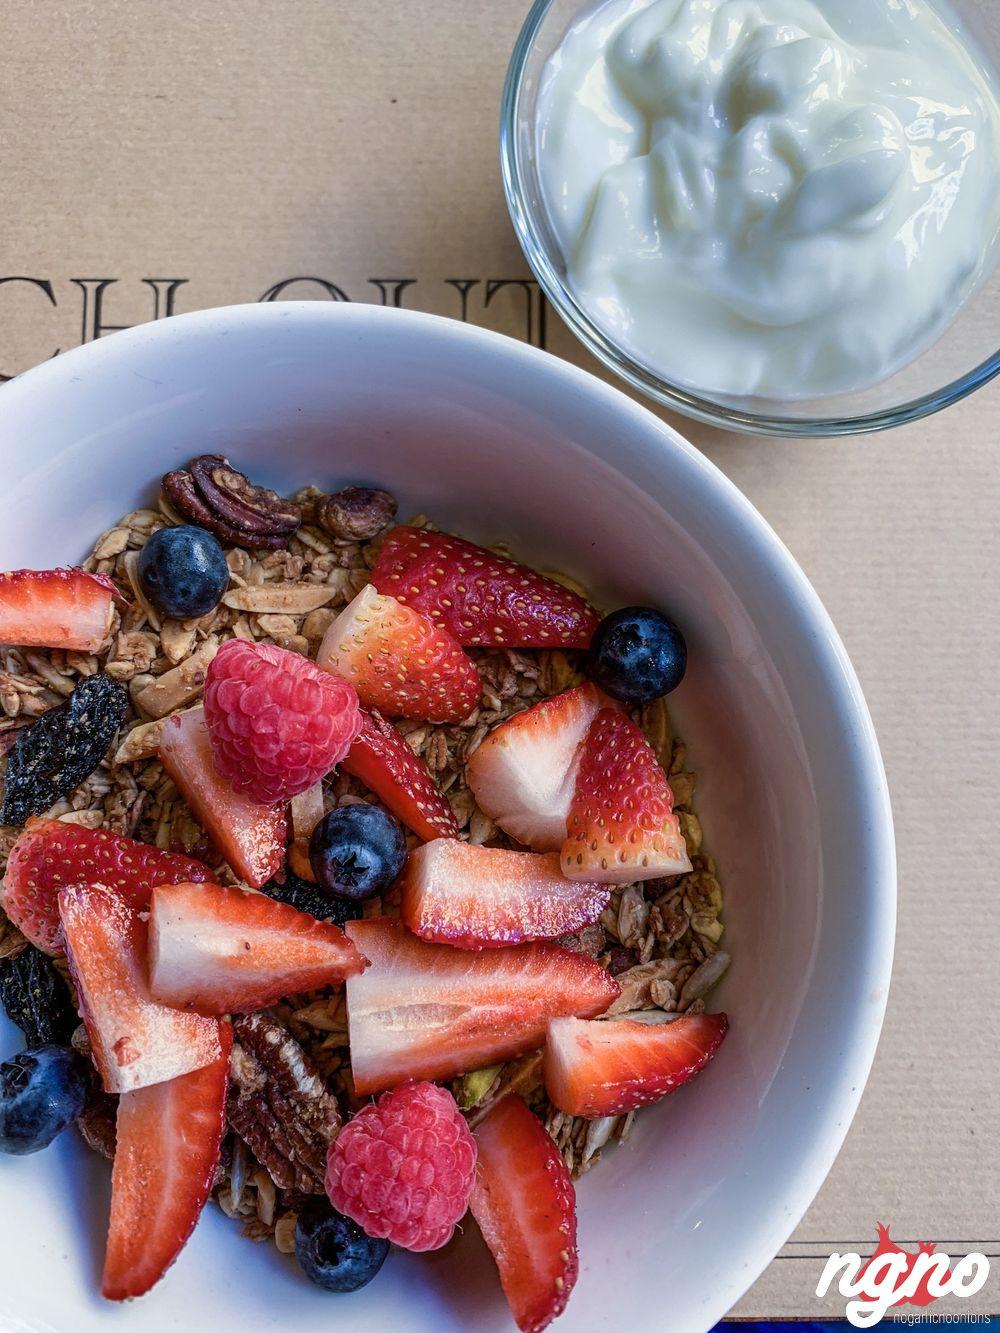 delico-beirut-breakfast-nogarlicnoonions-162018-10-22-05-52-07